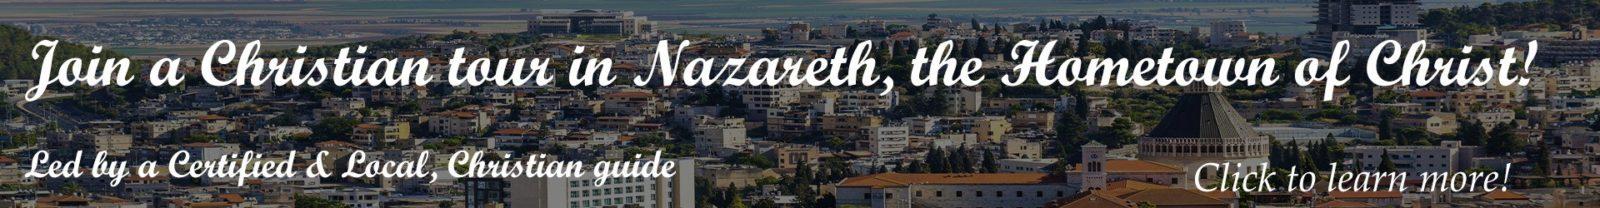 Christian tour in Nazareth